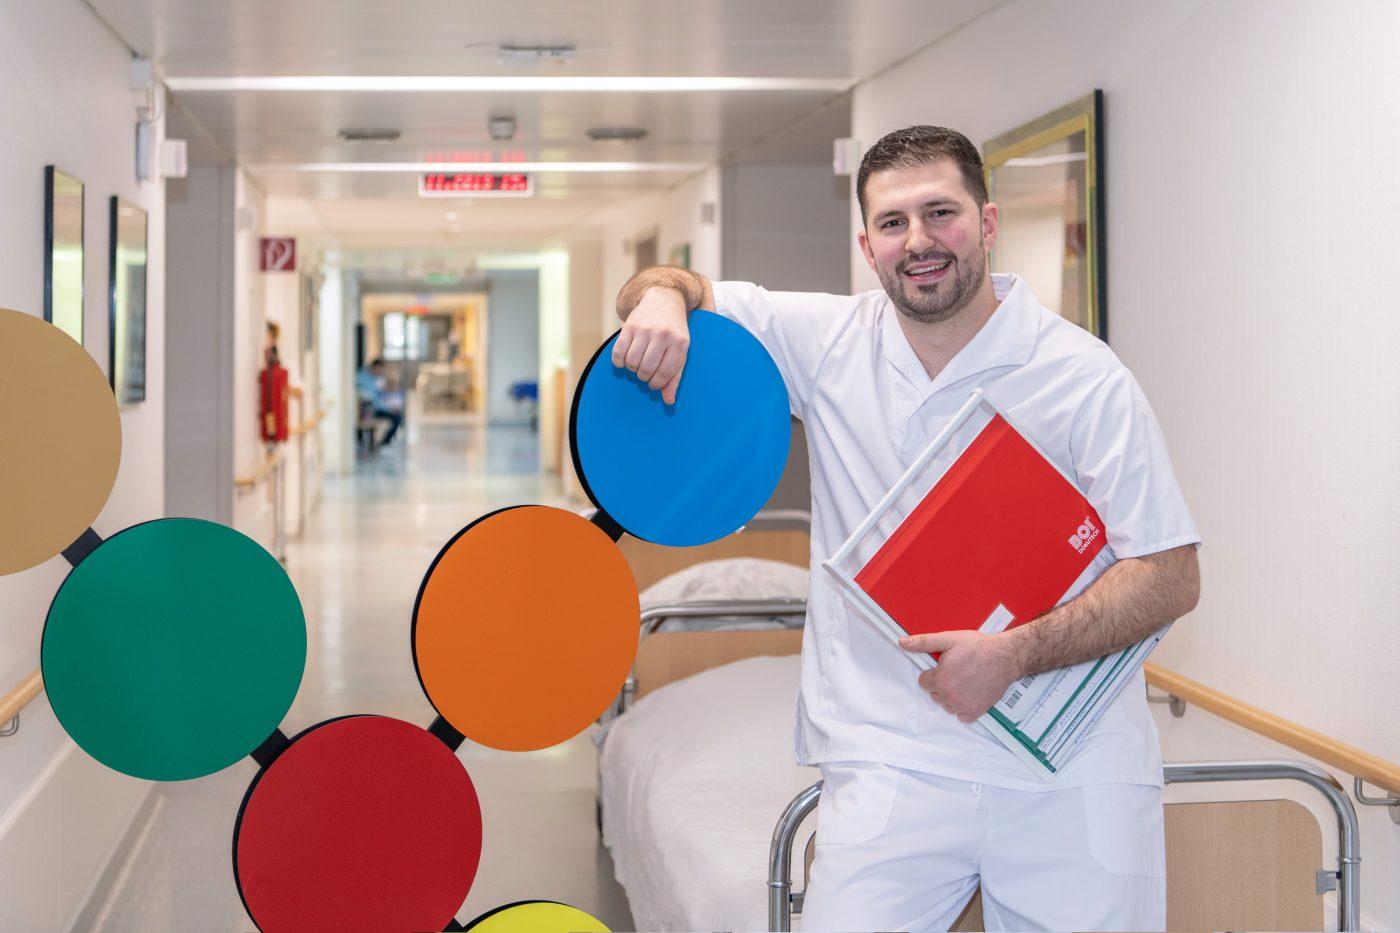 Rijad Mrljanikovic, Krankenpfleger im St. Ansgar Krankenhaus der KHWE, Höxter